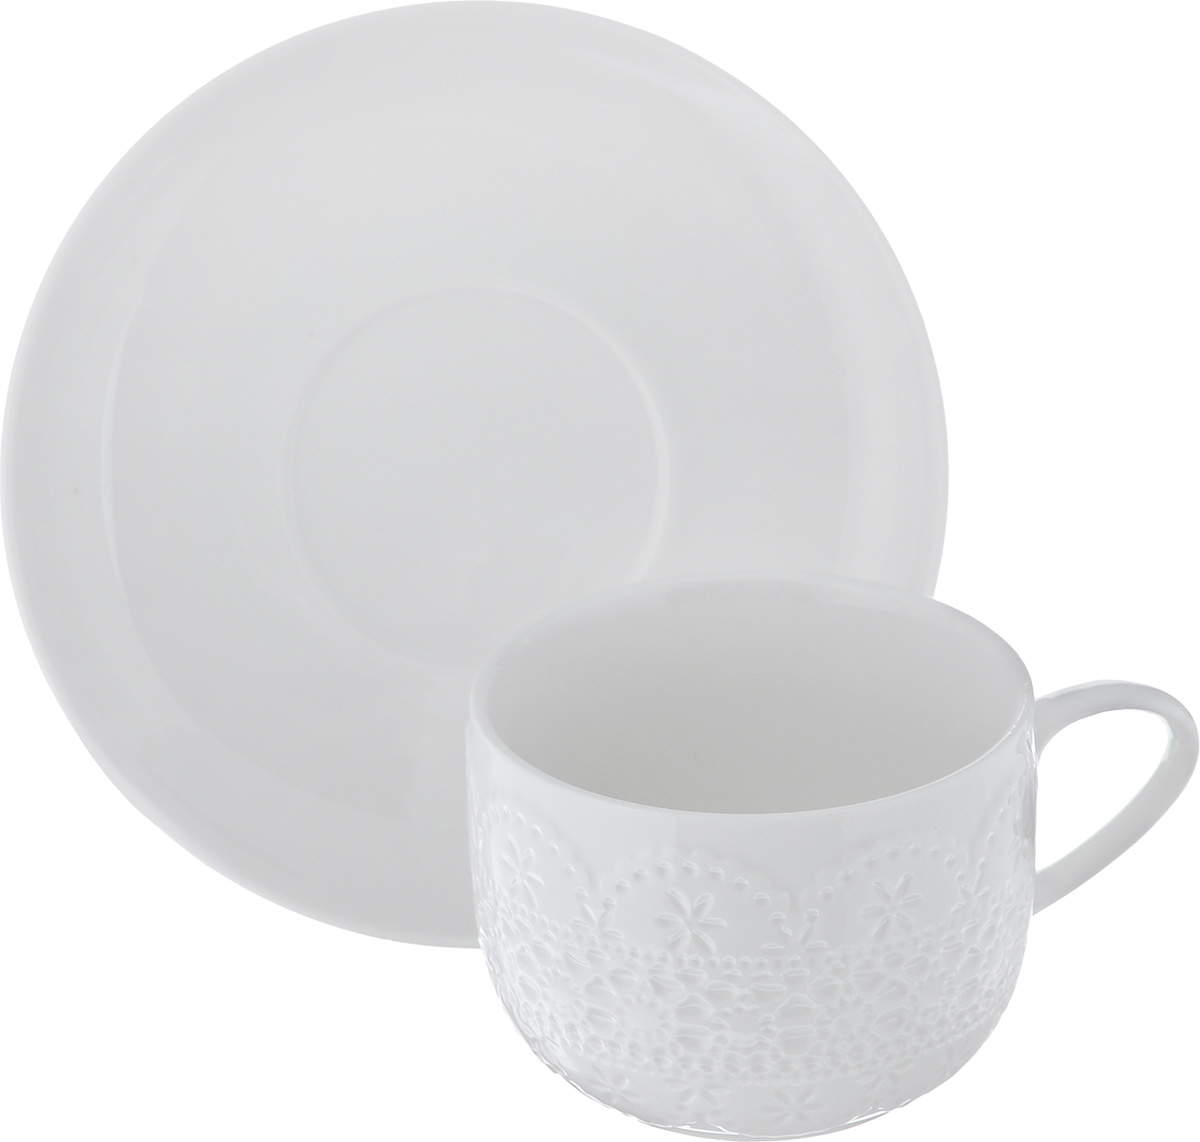 Чайная пара Walmer Charlotte, цвет: белый, 2 предмета115510Чайная пара Walmer Charlotte состоит из чашки и блюдца, изготовленных из высококачественного фарфора и декорированных оригинальным рельефом.Чайная пара украсит ваш кухонный стол, а также станет замечательным подарком к любому празднику.Не применять абразивные чистящие средства. Объем чашки: 250 мл.Диаметр чашки по верхнему краю: 8,5 см.Диаметр основания: 5,5 см.Высота чашки: 6,5 см.Диаметр блюдца: 15,5 см.